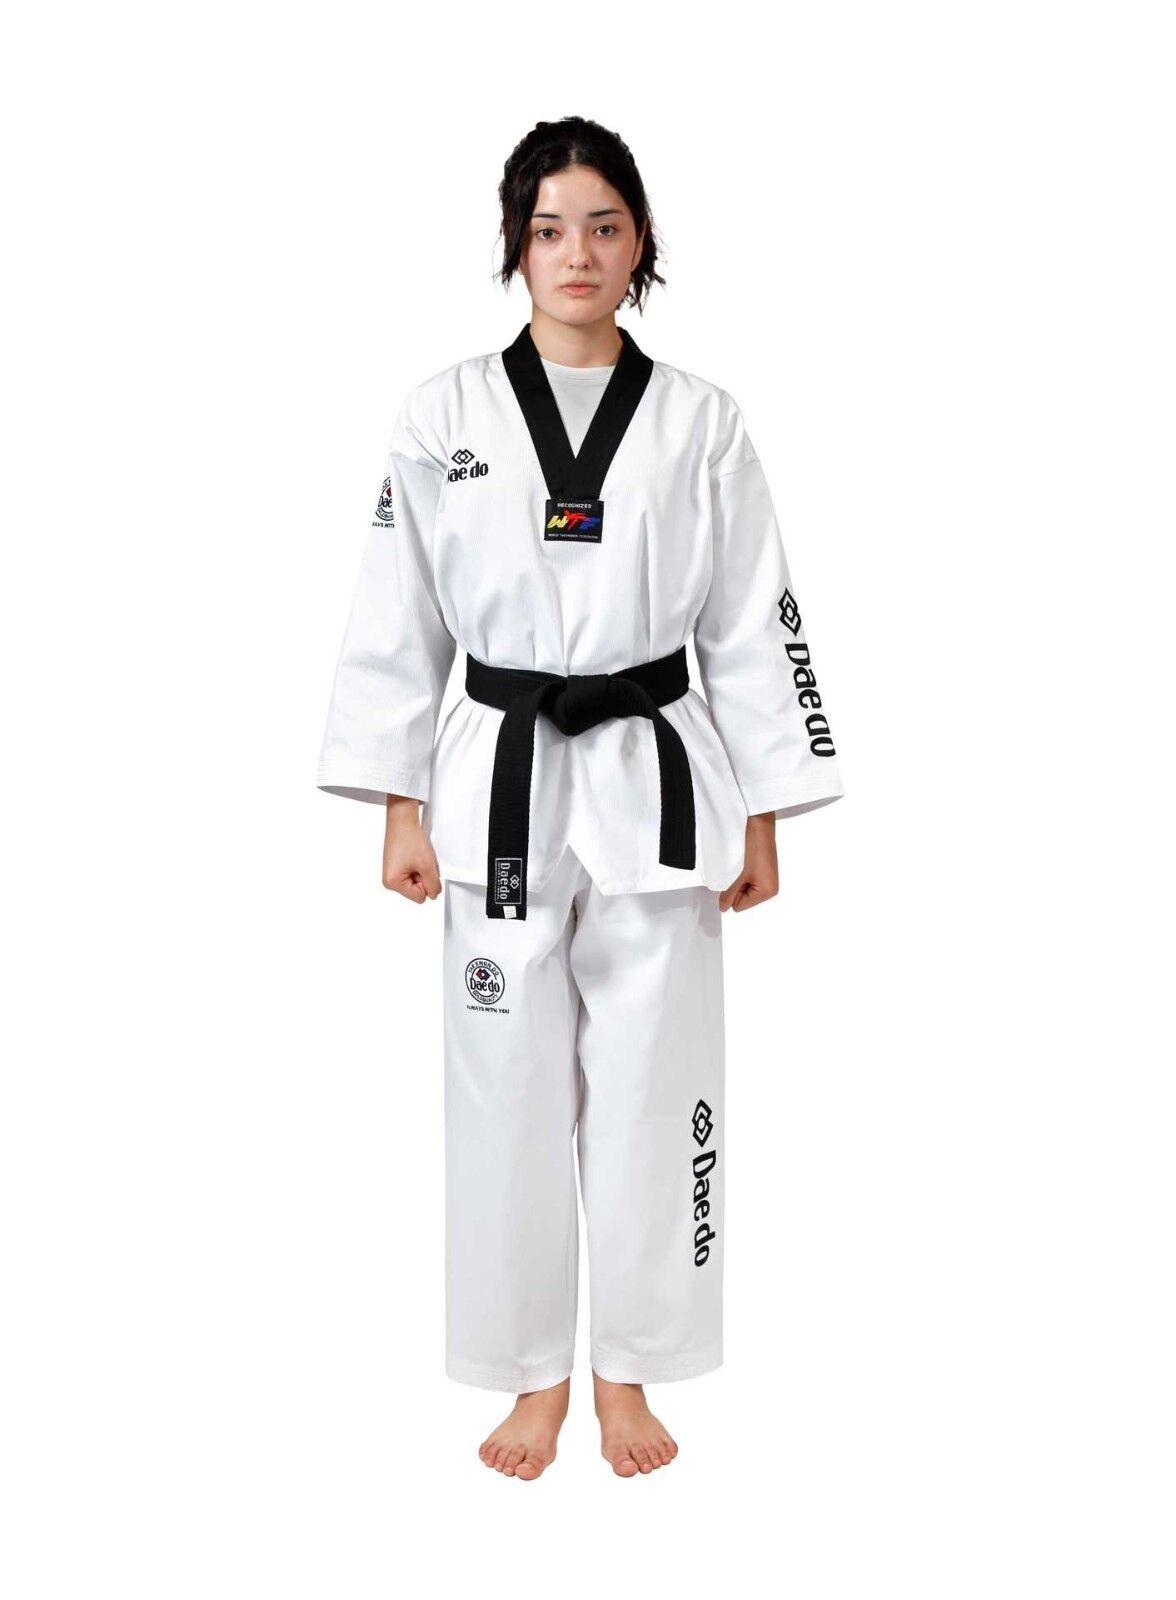 Daedo Seoul Style Taekwondo Dobok TA 1045 200 7 7 7 Anzug Uniform schwarzer Kragen 56f0ae